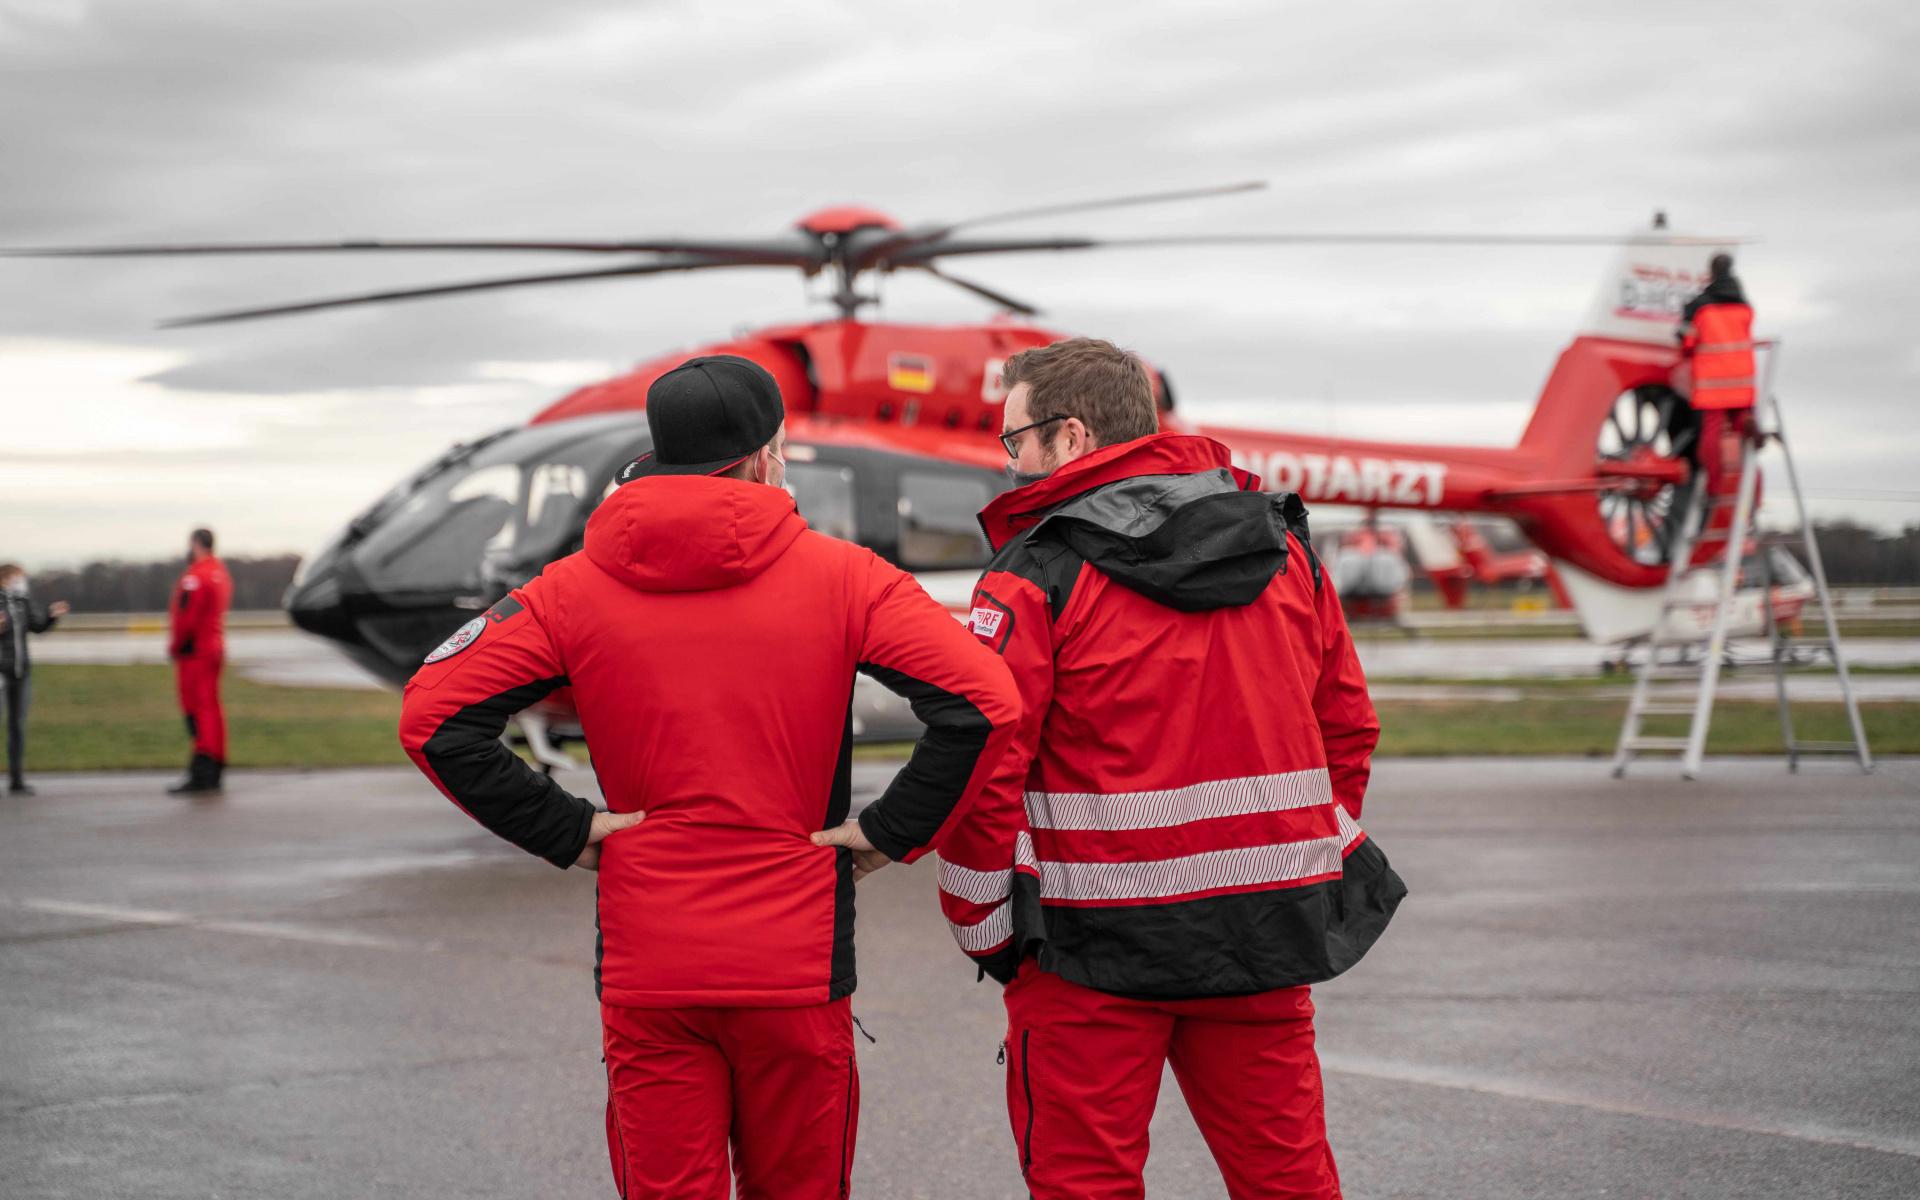 ... wurde der Hubschrauber mit Begeisterung von den Mitarbeiter*innen der DRF Luftrettung erwartet.